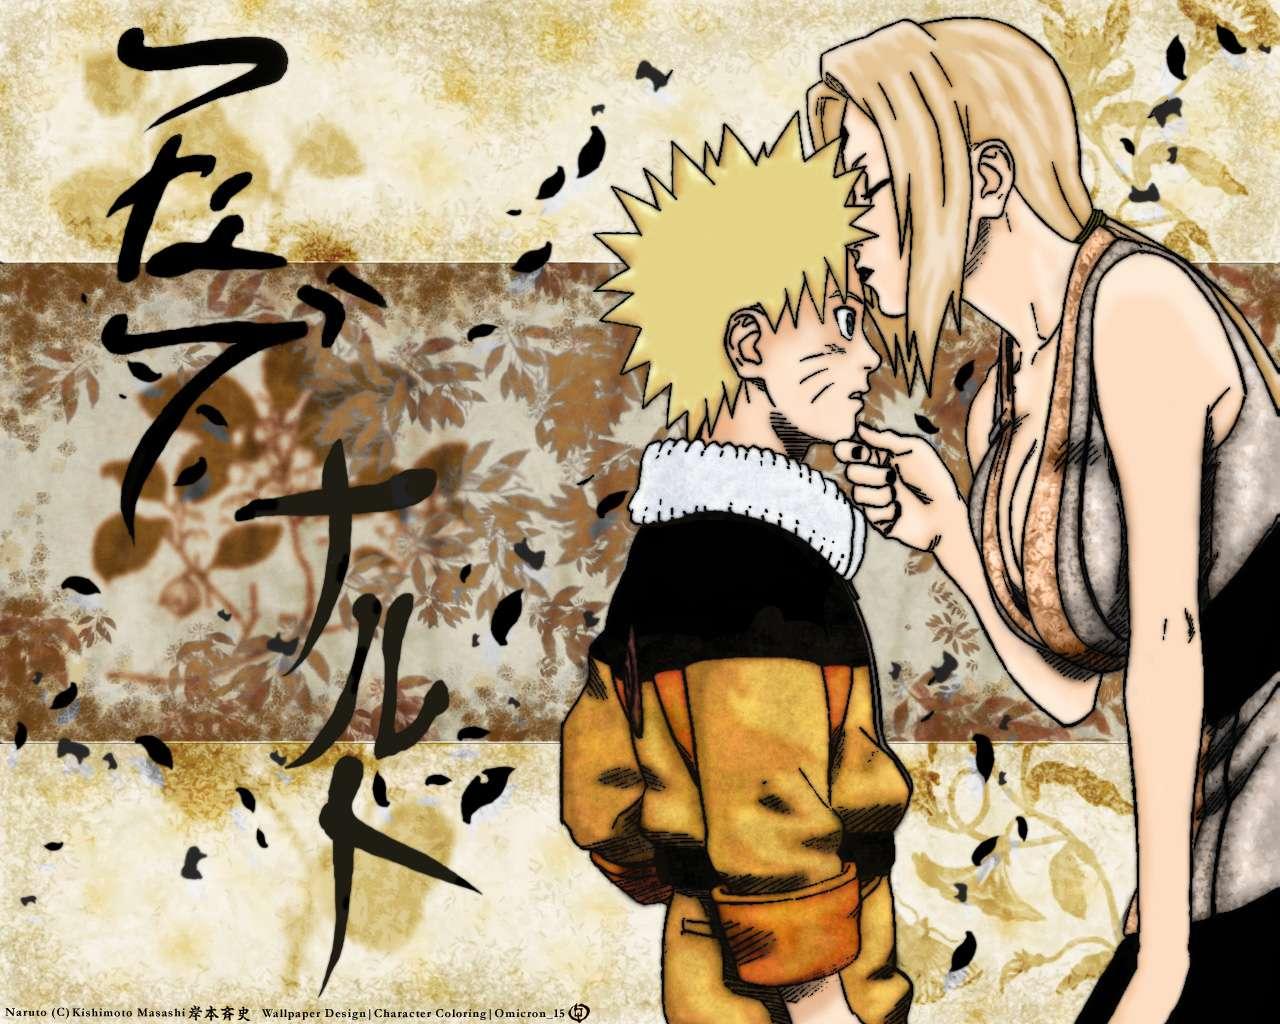 Naruto Season 1 9 episodes iBlos3om 1280x1024